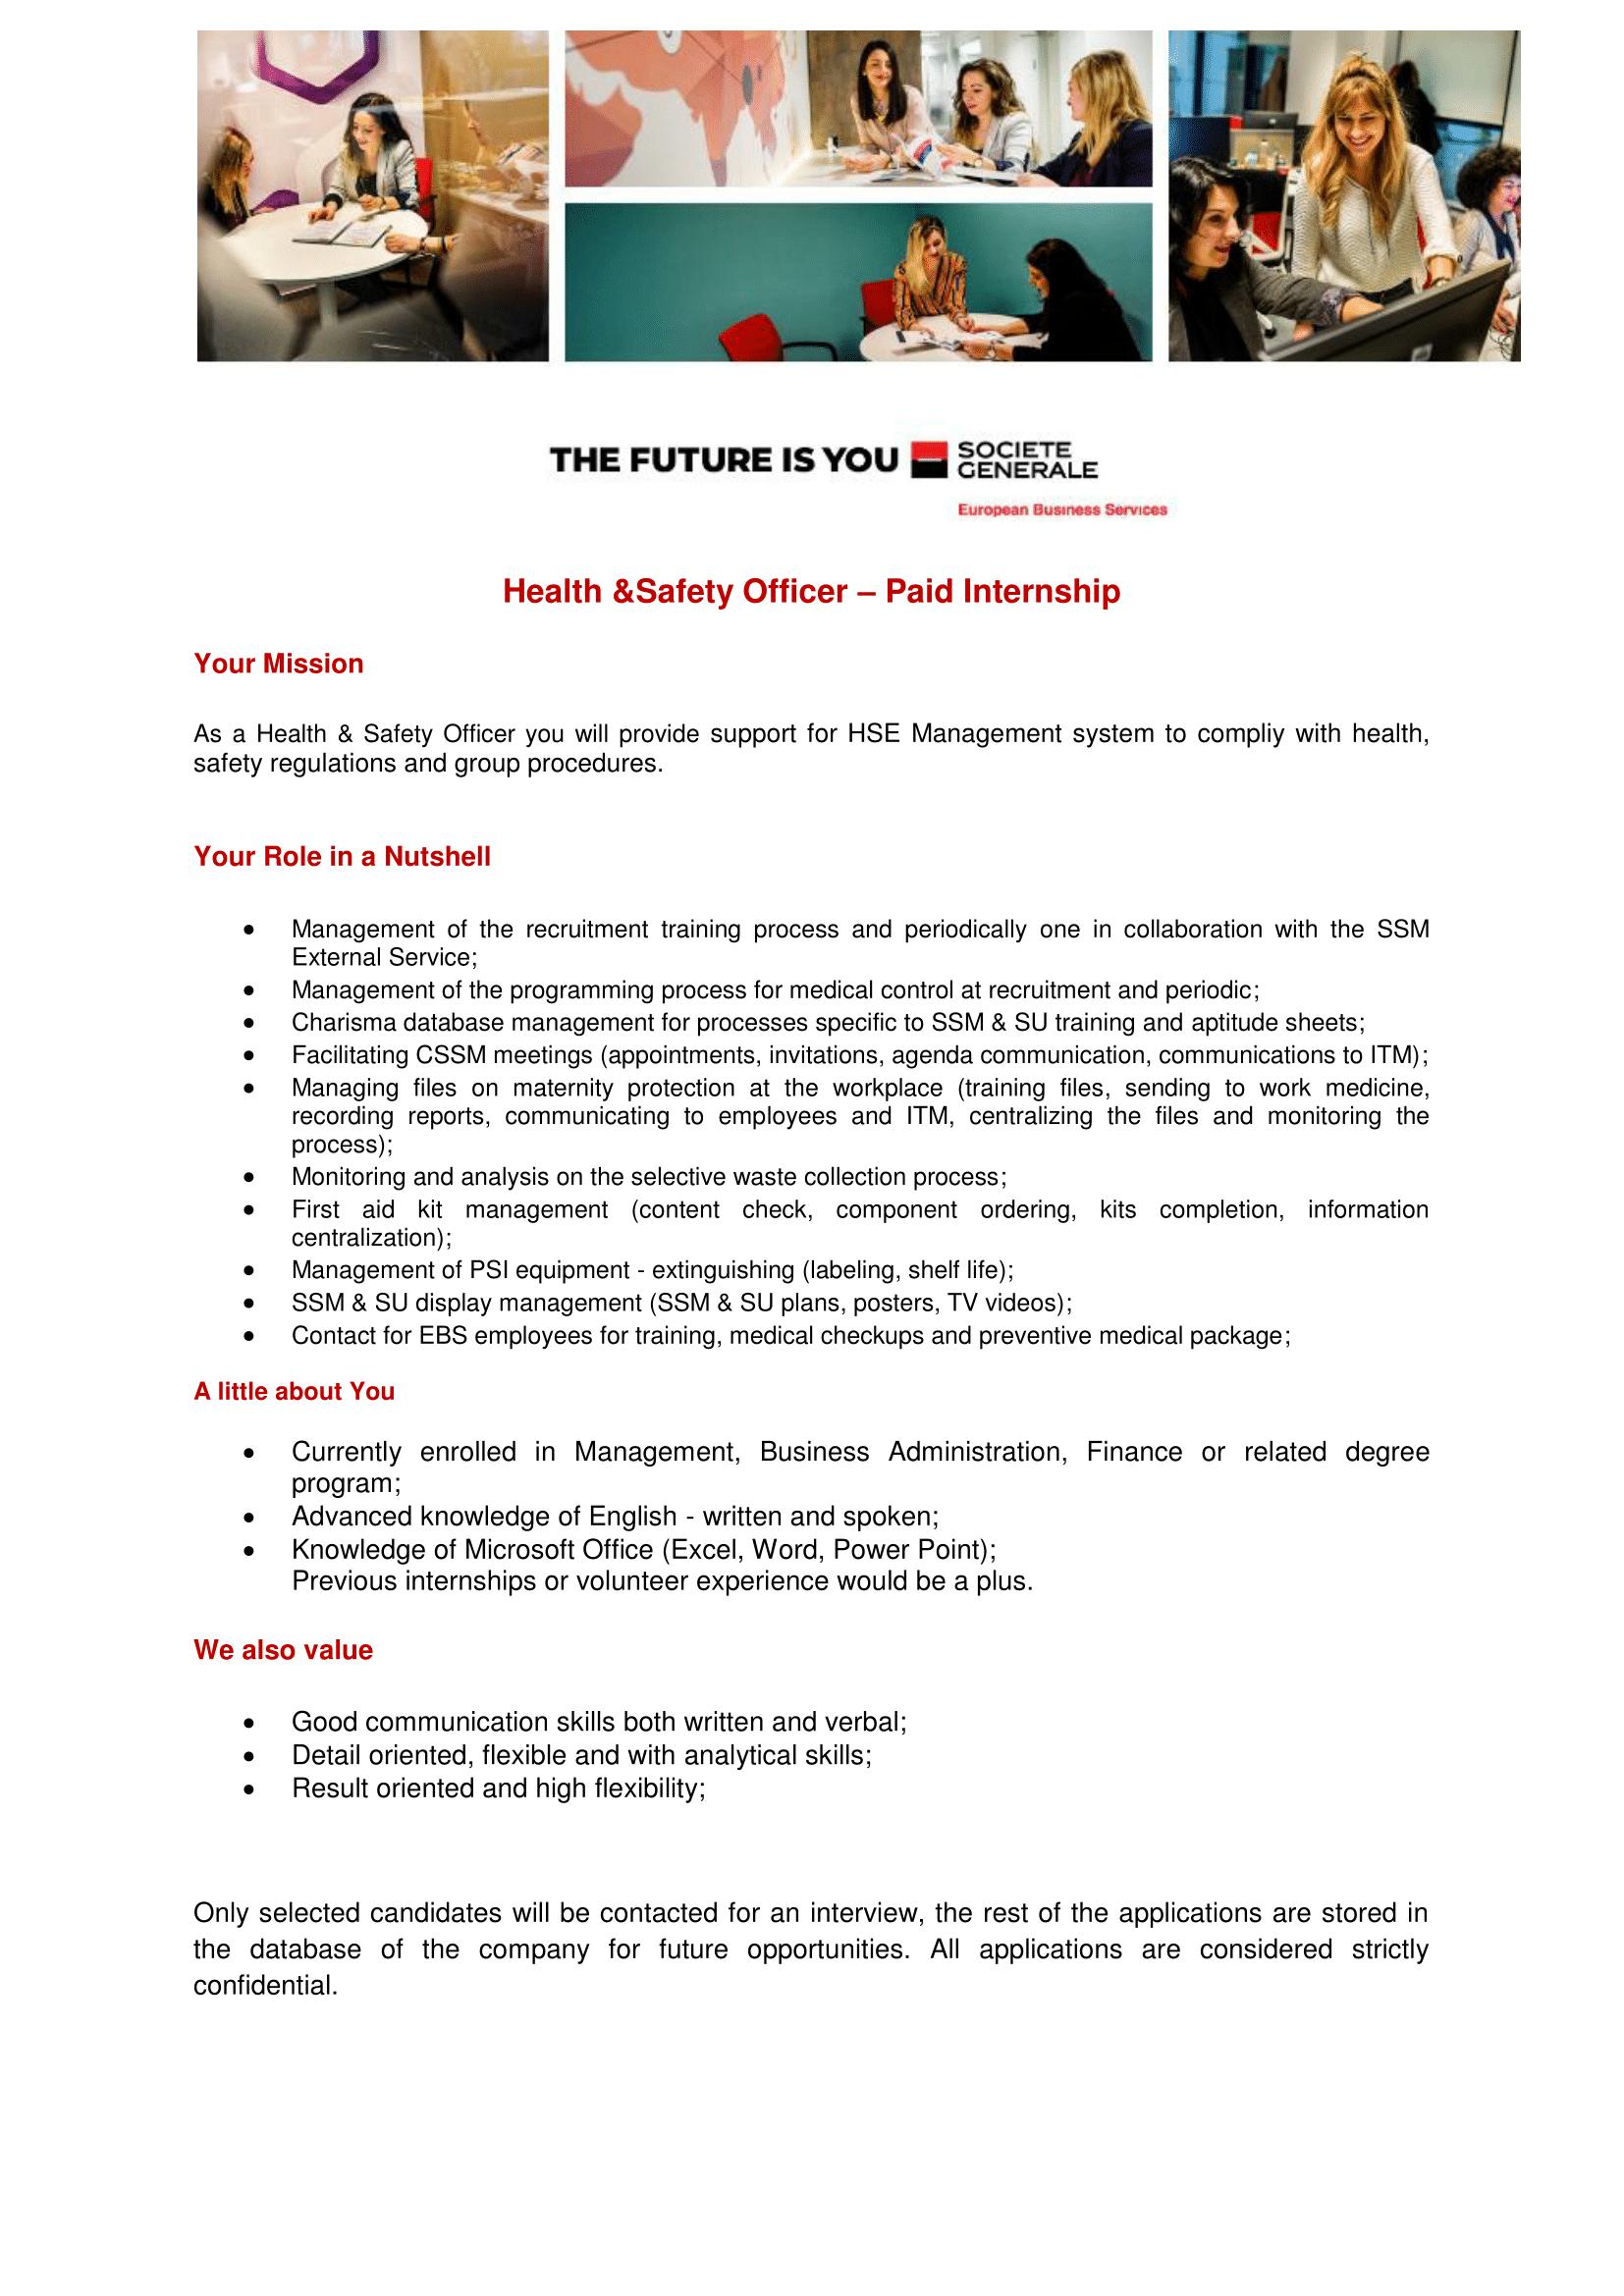 Health Safety Specialist - Paid Internship-1